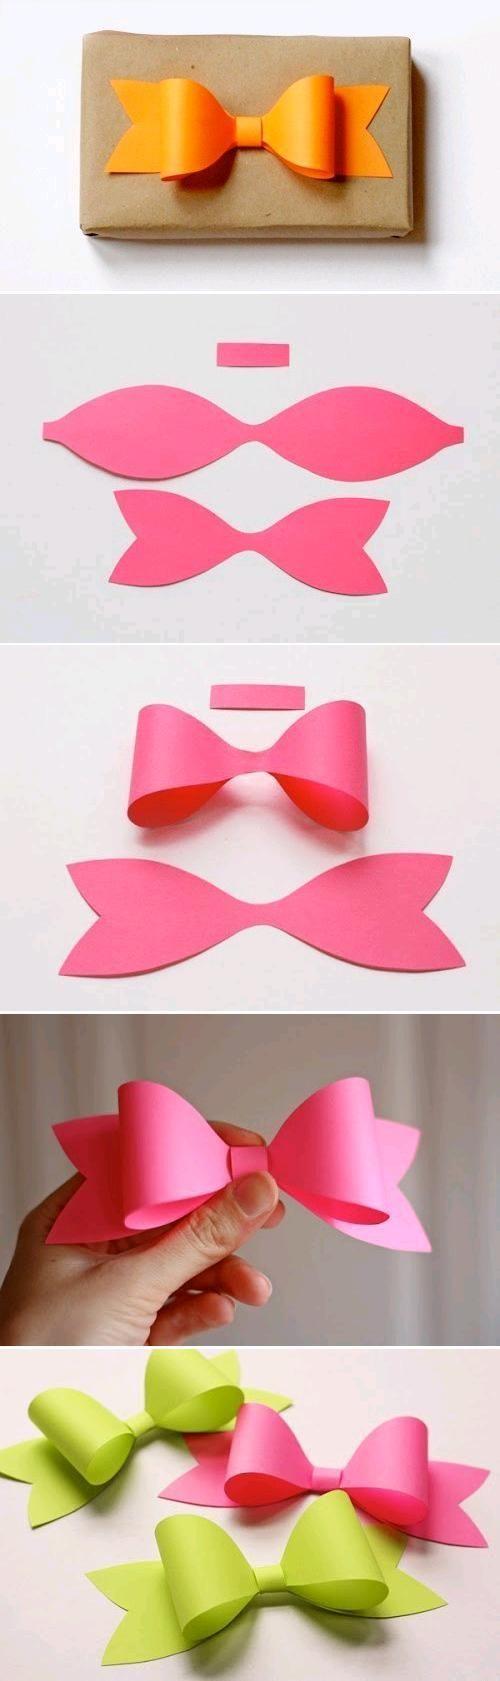 tuto noeud papillon DIY pour de jolis paquets cadeaux